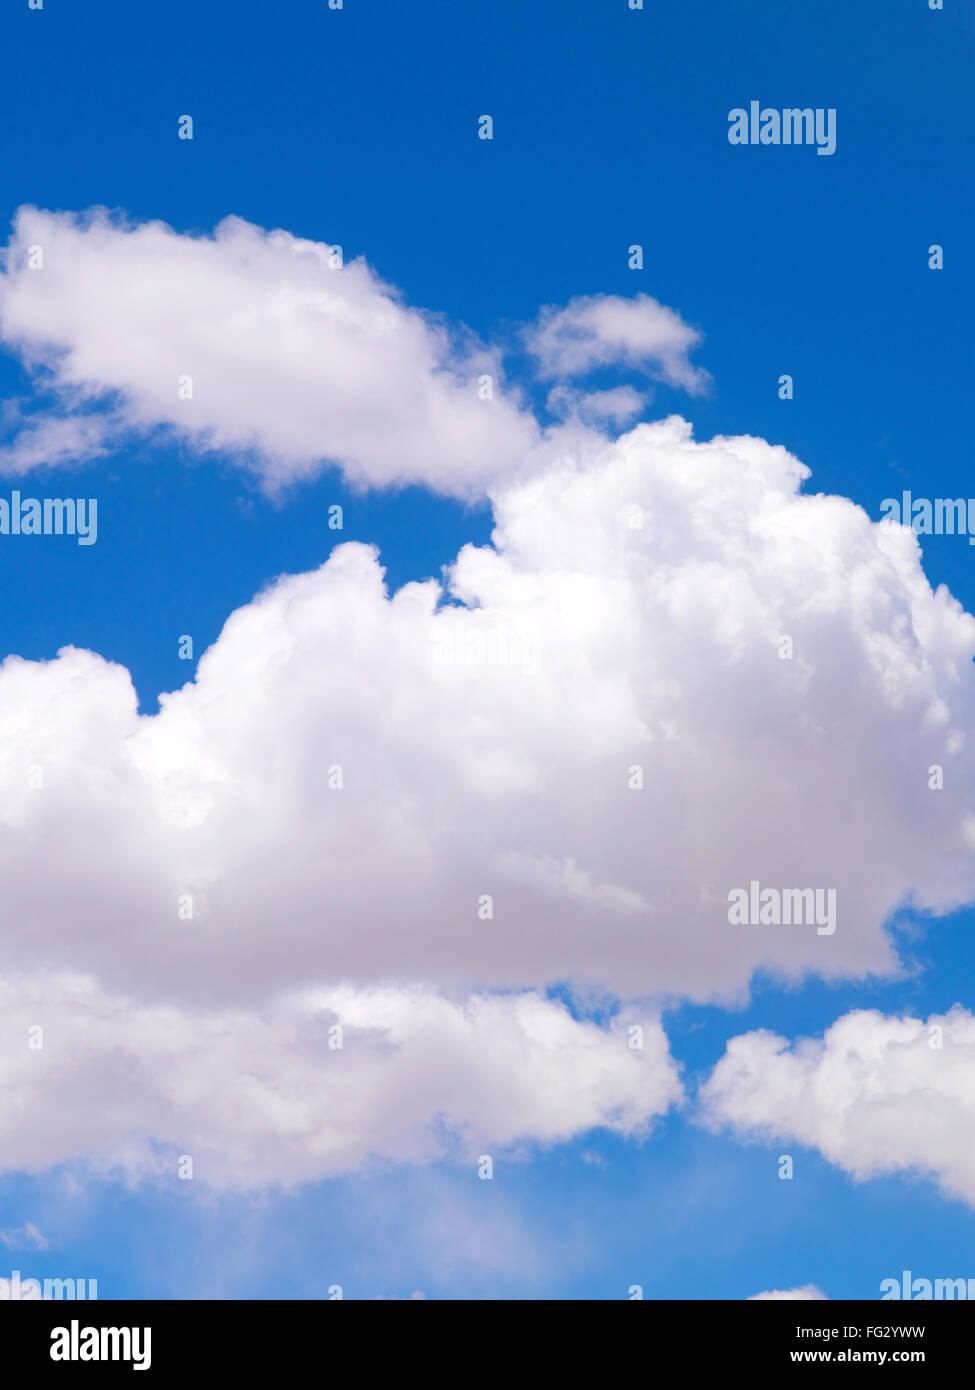 La formación de nubes blancas contra el cielo azul Foto de stock